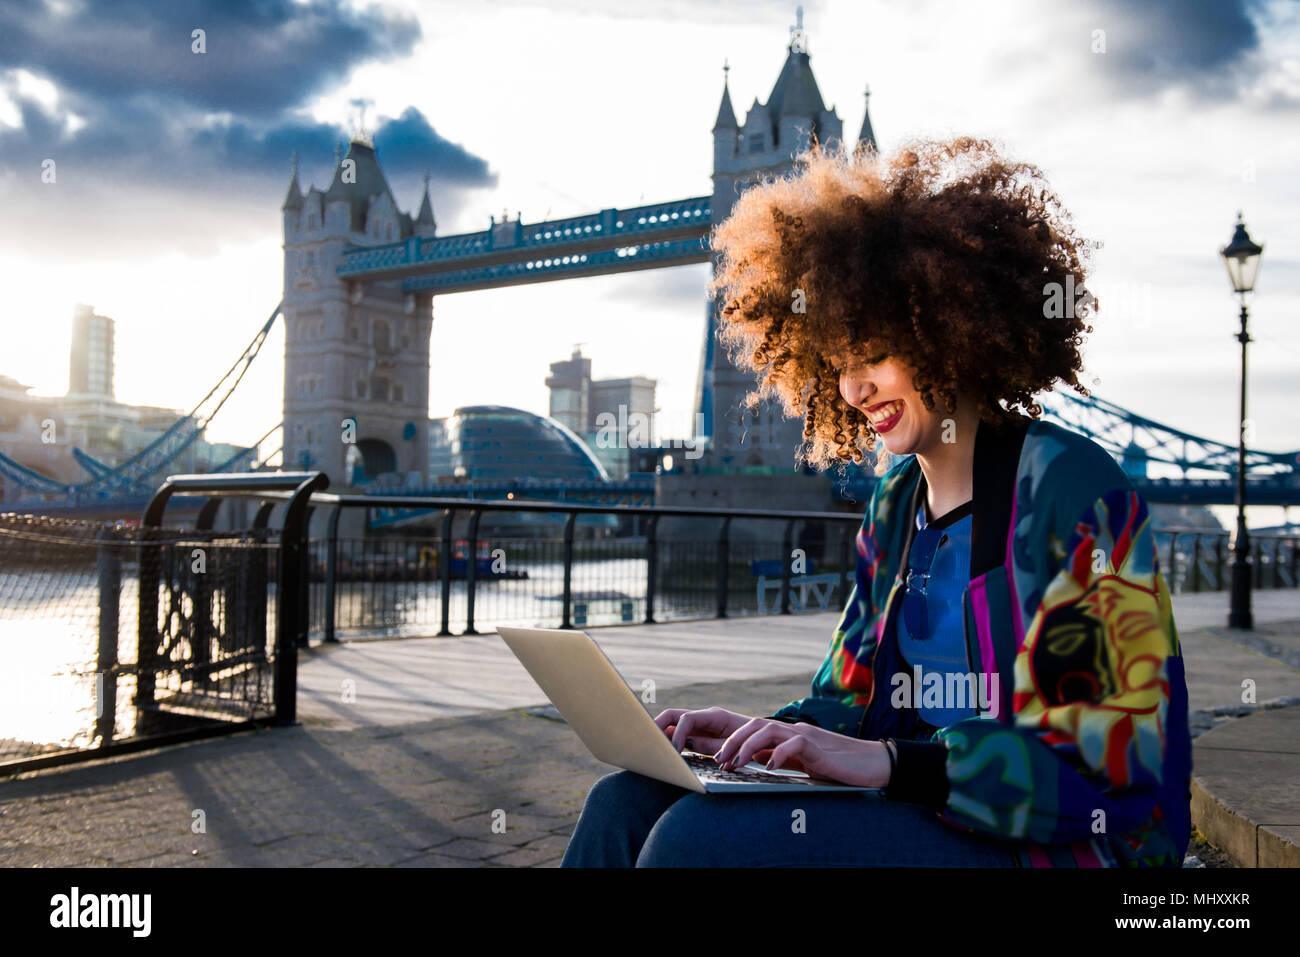 Ragazza giovane seduti all'aperto, utilizzando laptop, Tower Bridge in background, London, England, Regno Unito Immagini Stock